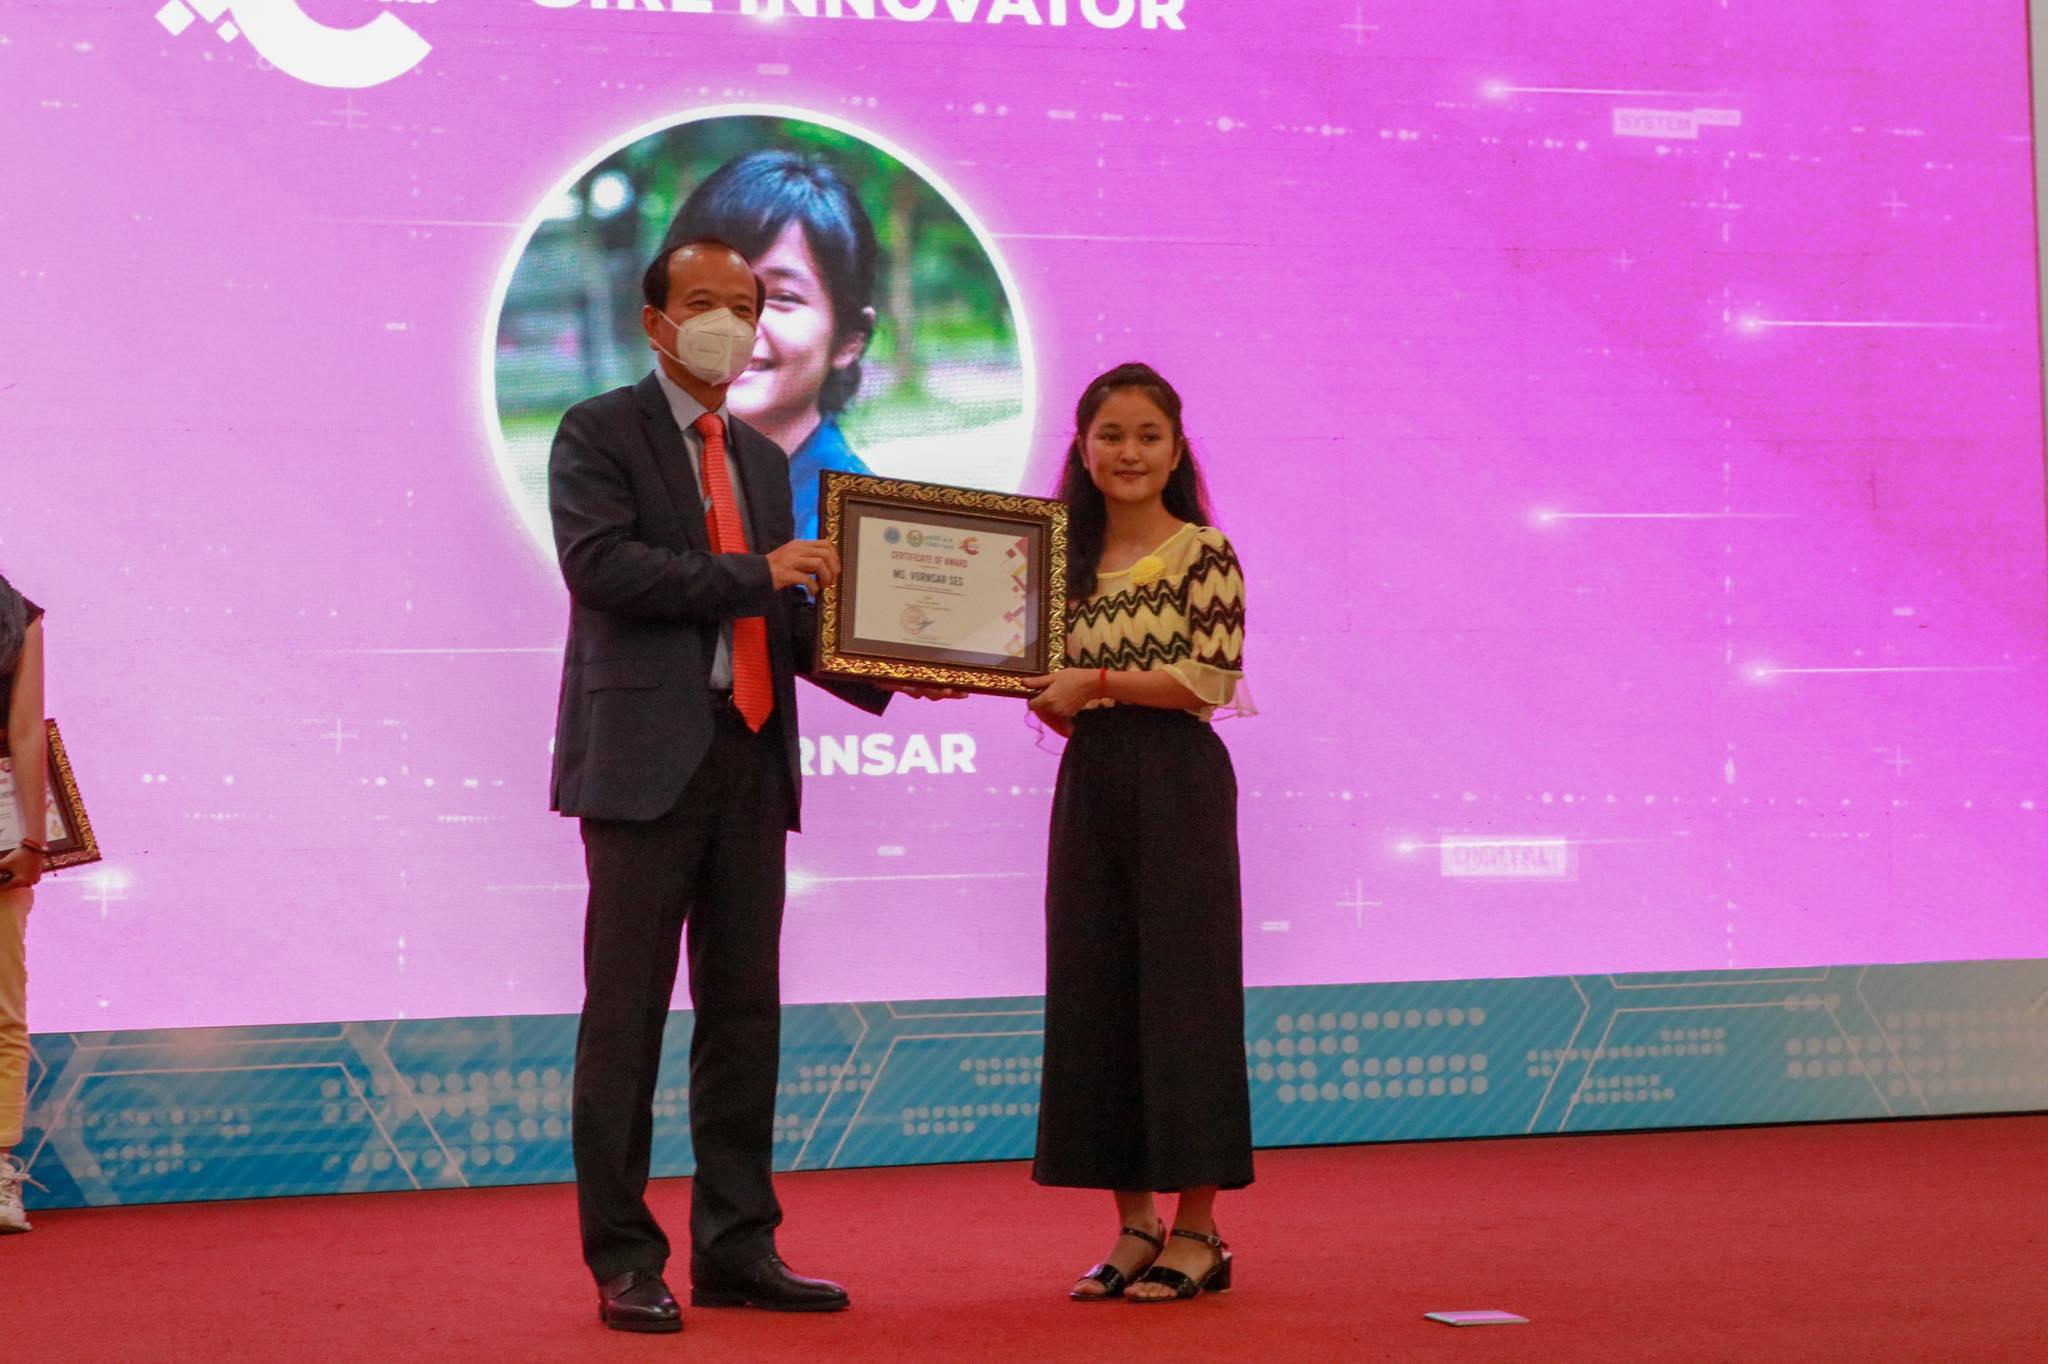 The New Sprout Award (Girl Innovator), Miss Ses Vansar